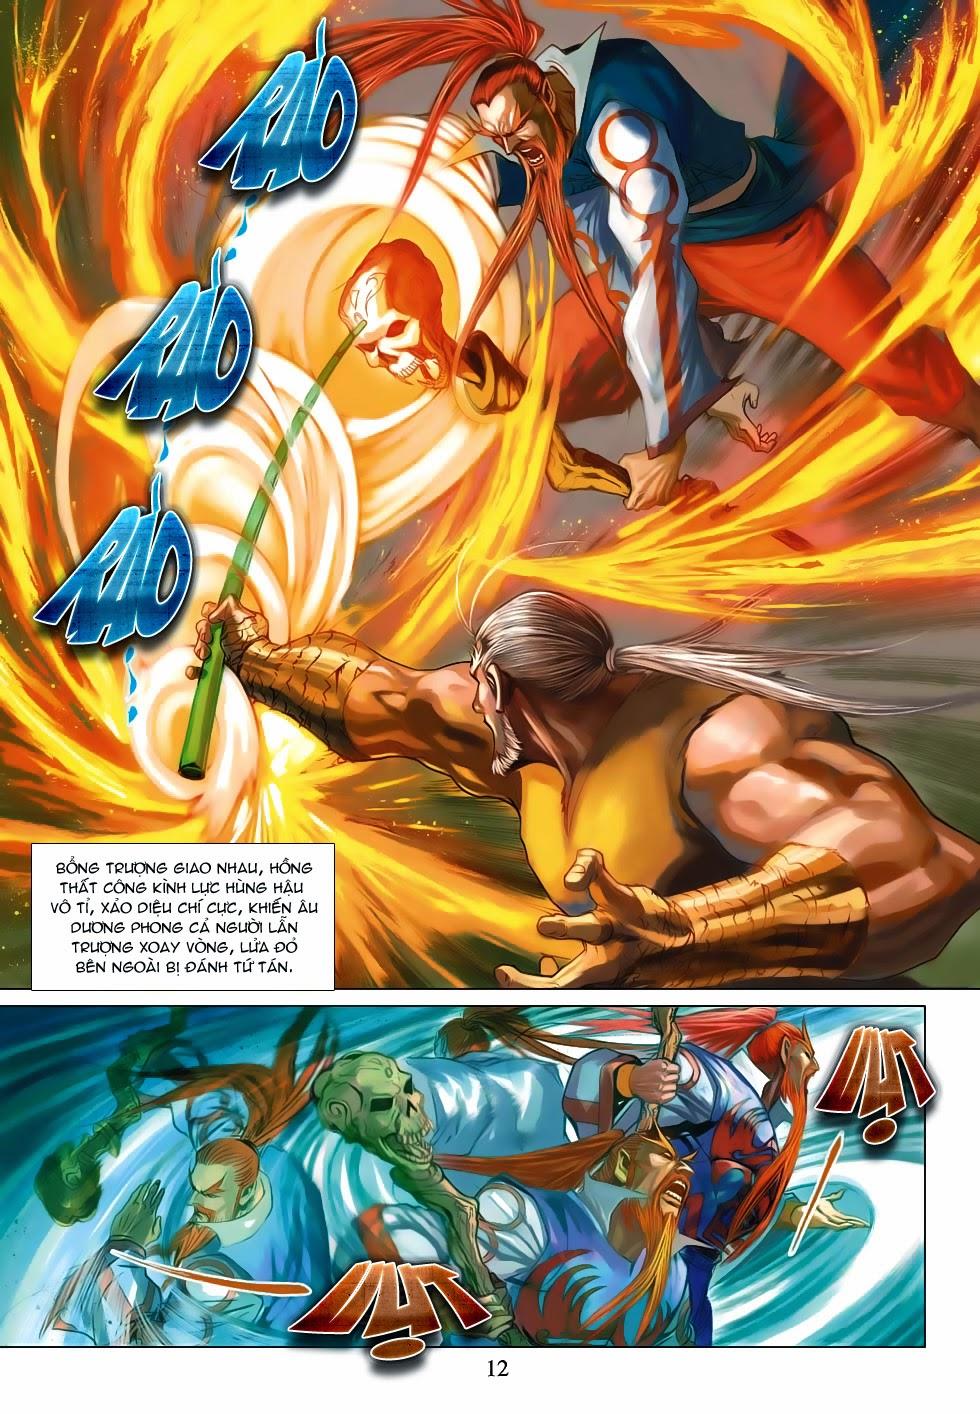 Anh Hùng Xạ Điêu anh hùng xạ đêu chap 53: lâm nguy thụ mệnh đả cẩu học pháp trang 13